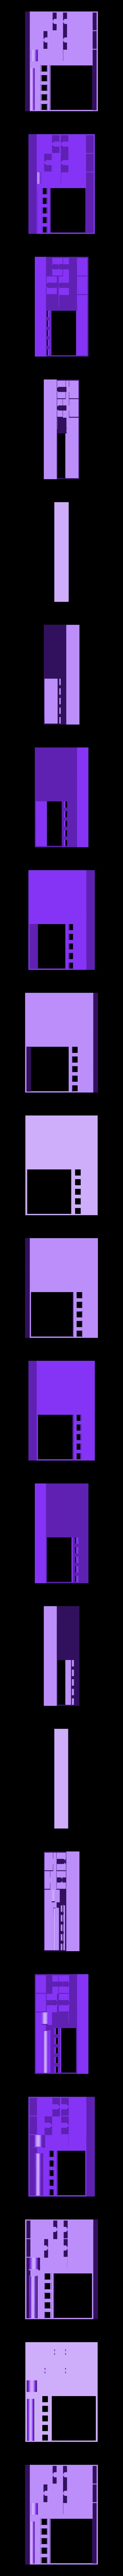 CamelUpTray.stl Télécharger fichier STL gratuit Organisateur de jeu Camel Up • Plan pour impression 3D, jbrum360